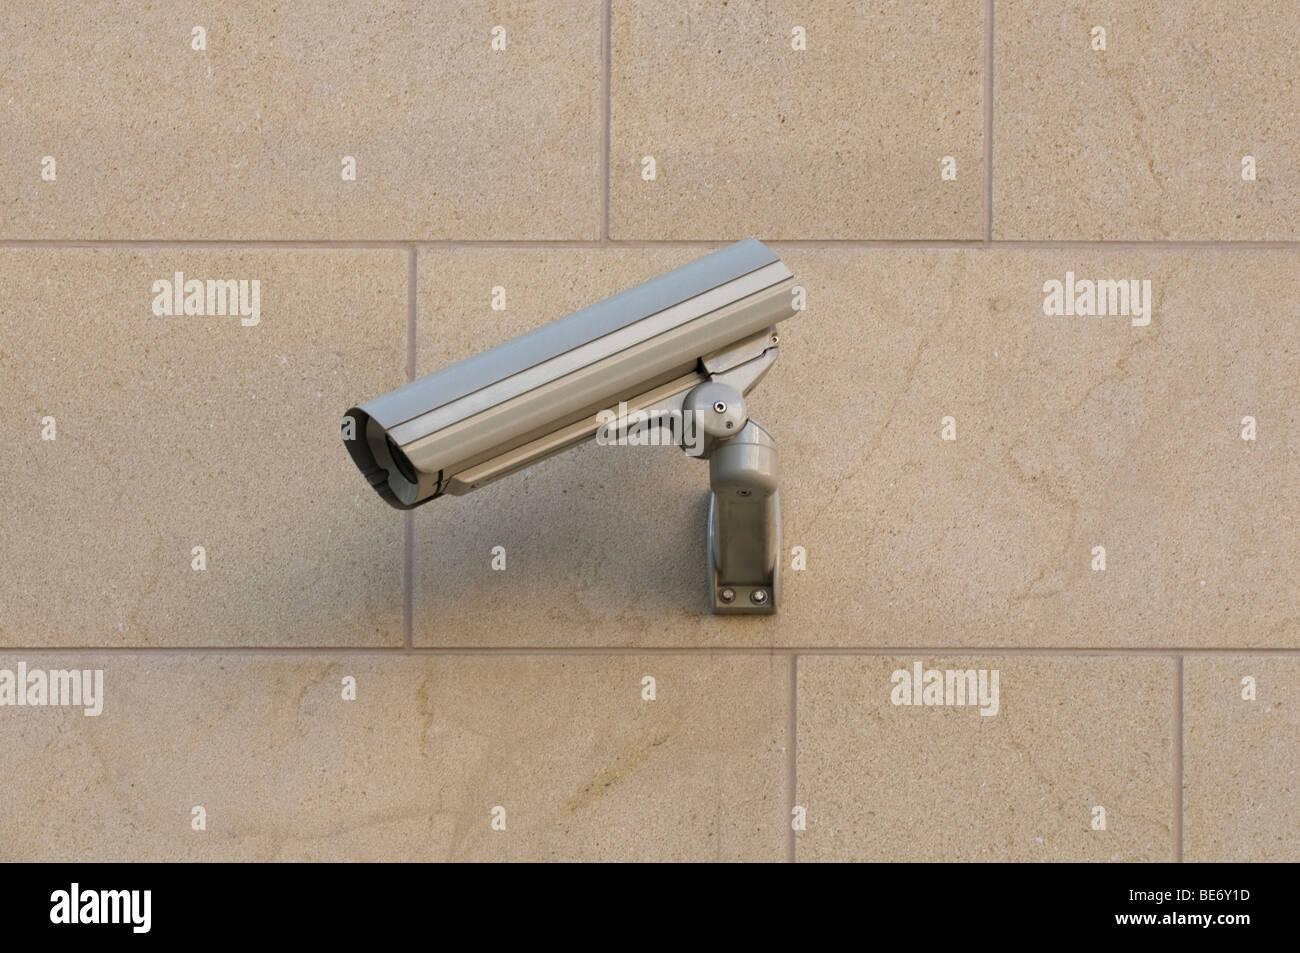 Surveillance camera on a building facade - Stock Image